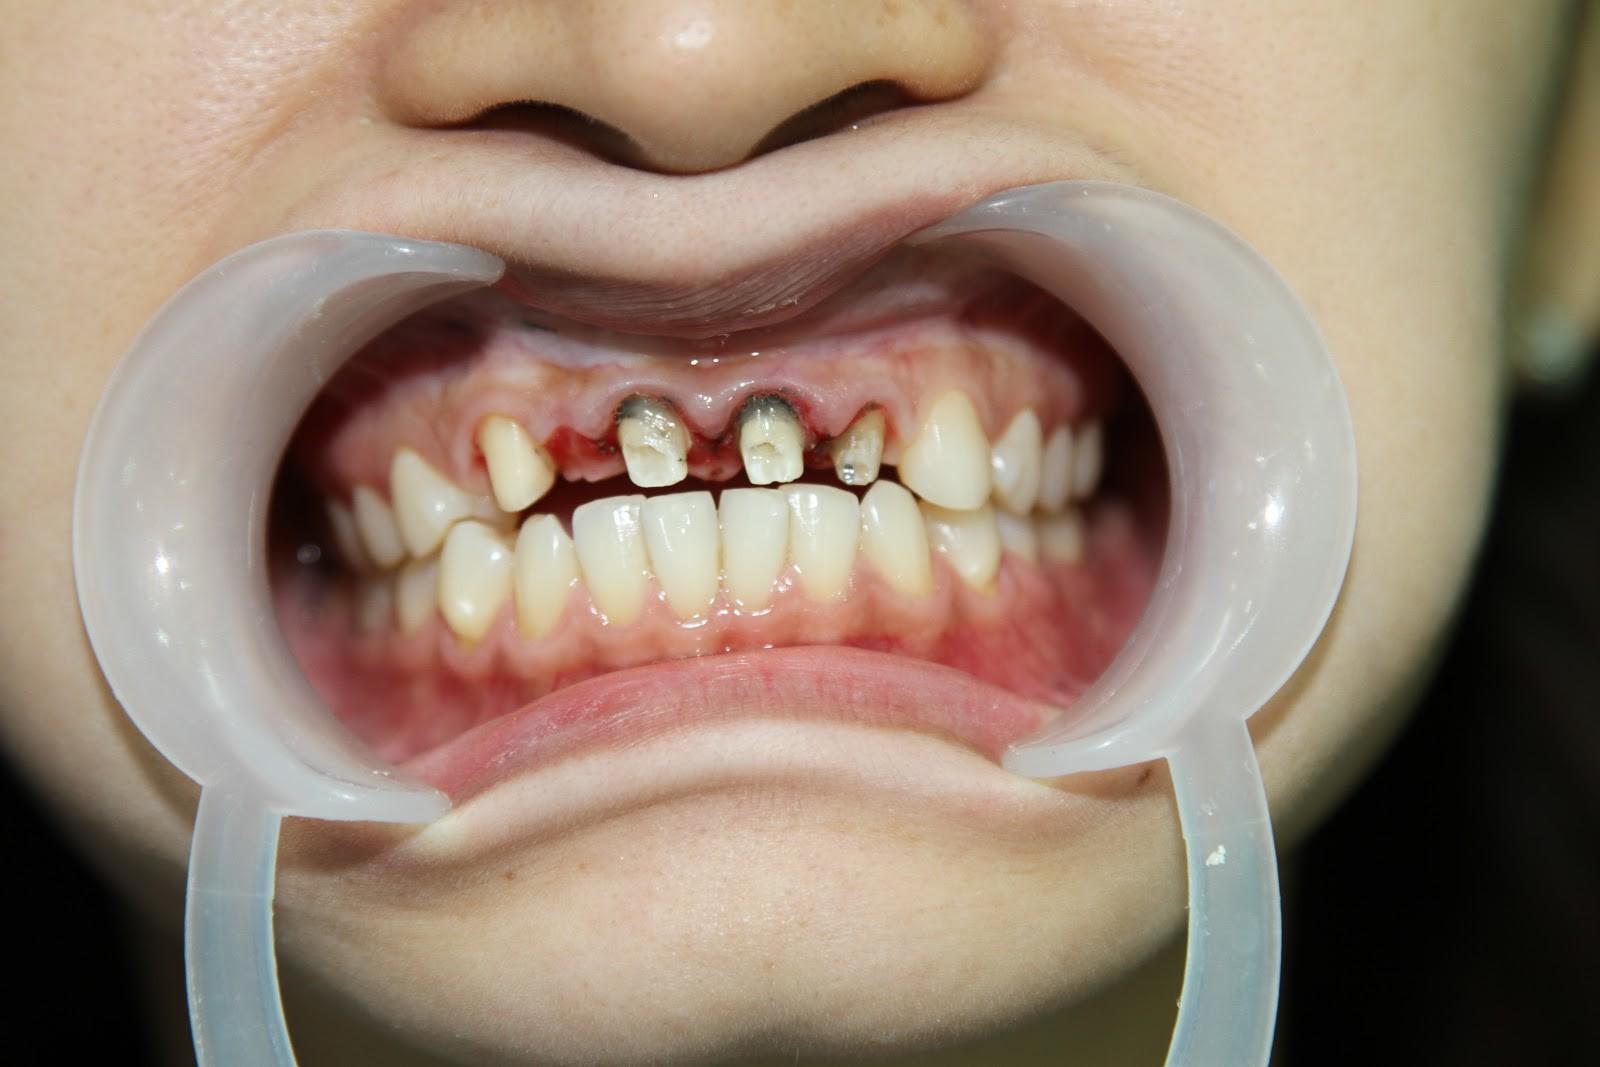 Bọc răng sứ không đảm bảo chất lượng, bạn phải đối mặt với những nguy